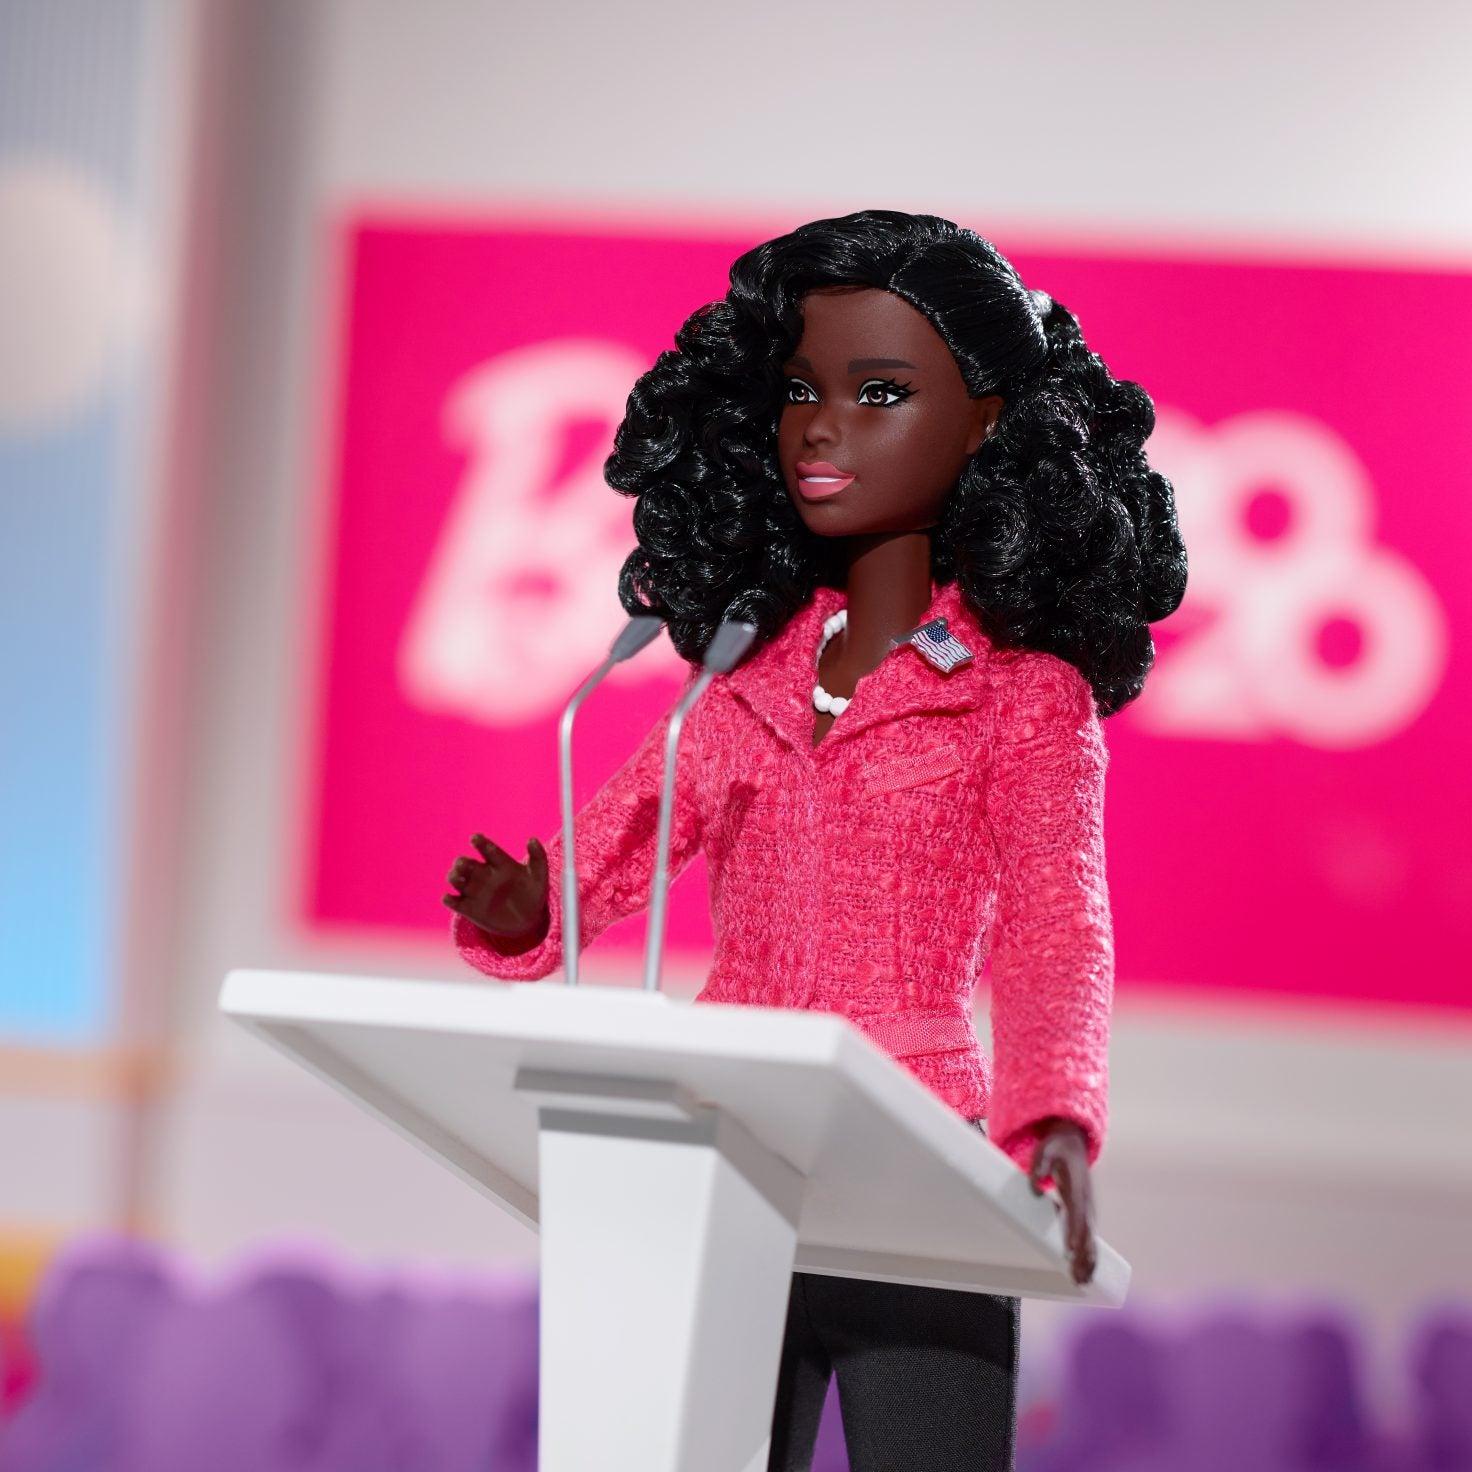 Black Barbie Is Running For President